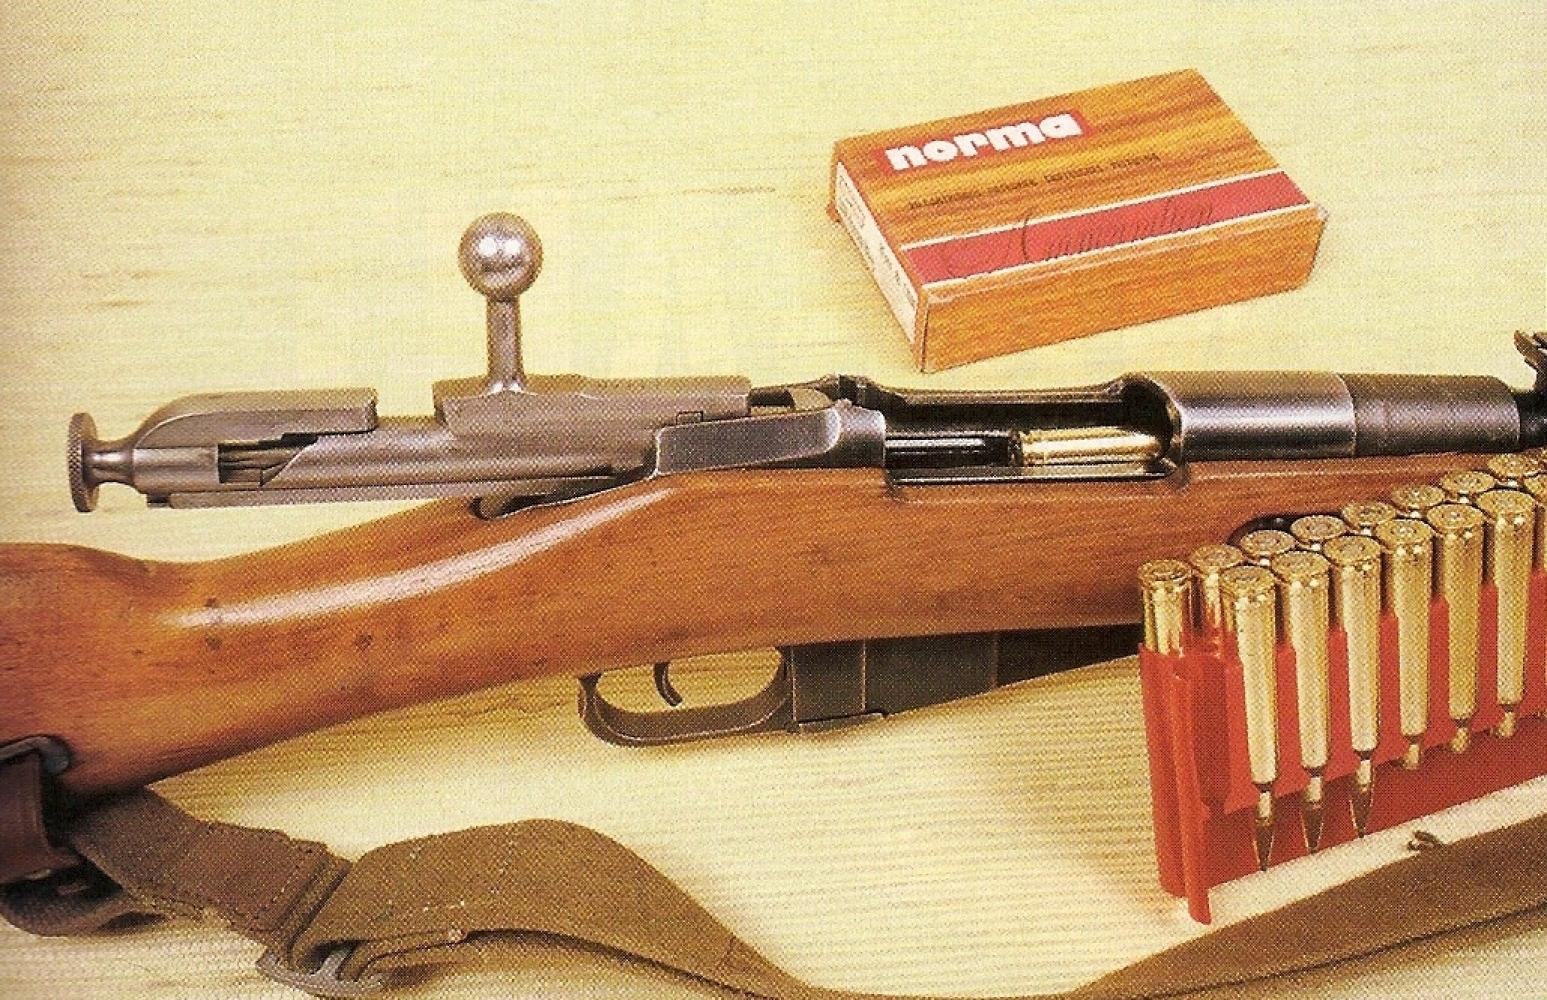 La carabine Mosin-Nagant modèle 1944 se démarque par la présence d'une baïonnette cruciforme rabattable. Réminiscence du passé, quand les armes étaient chargées par la bouche, une baguette de nettoyage est glissée dans le fût, sous le canon. Cette version « rechambrée » conserve intégralement son aspect et sa finition d'origine.